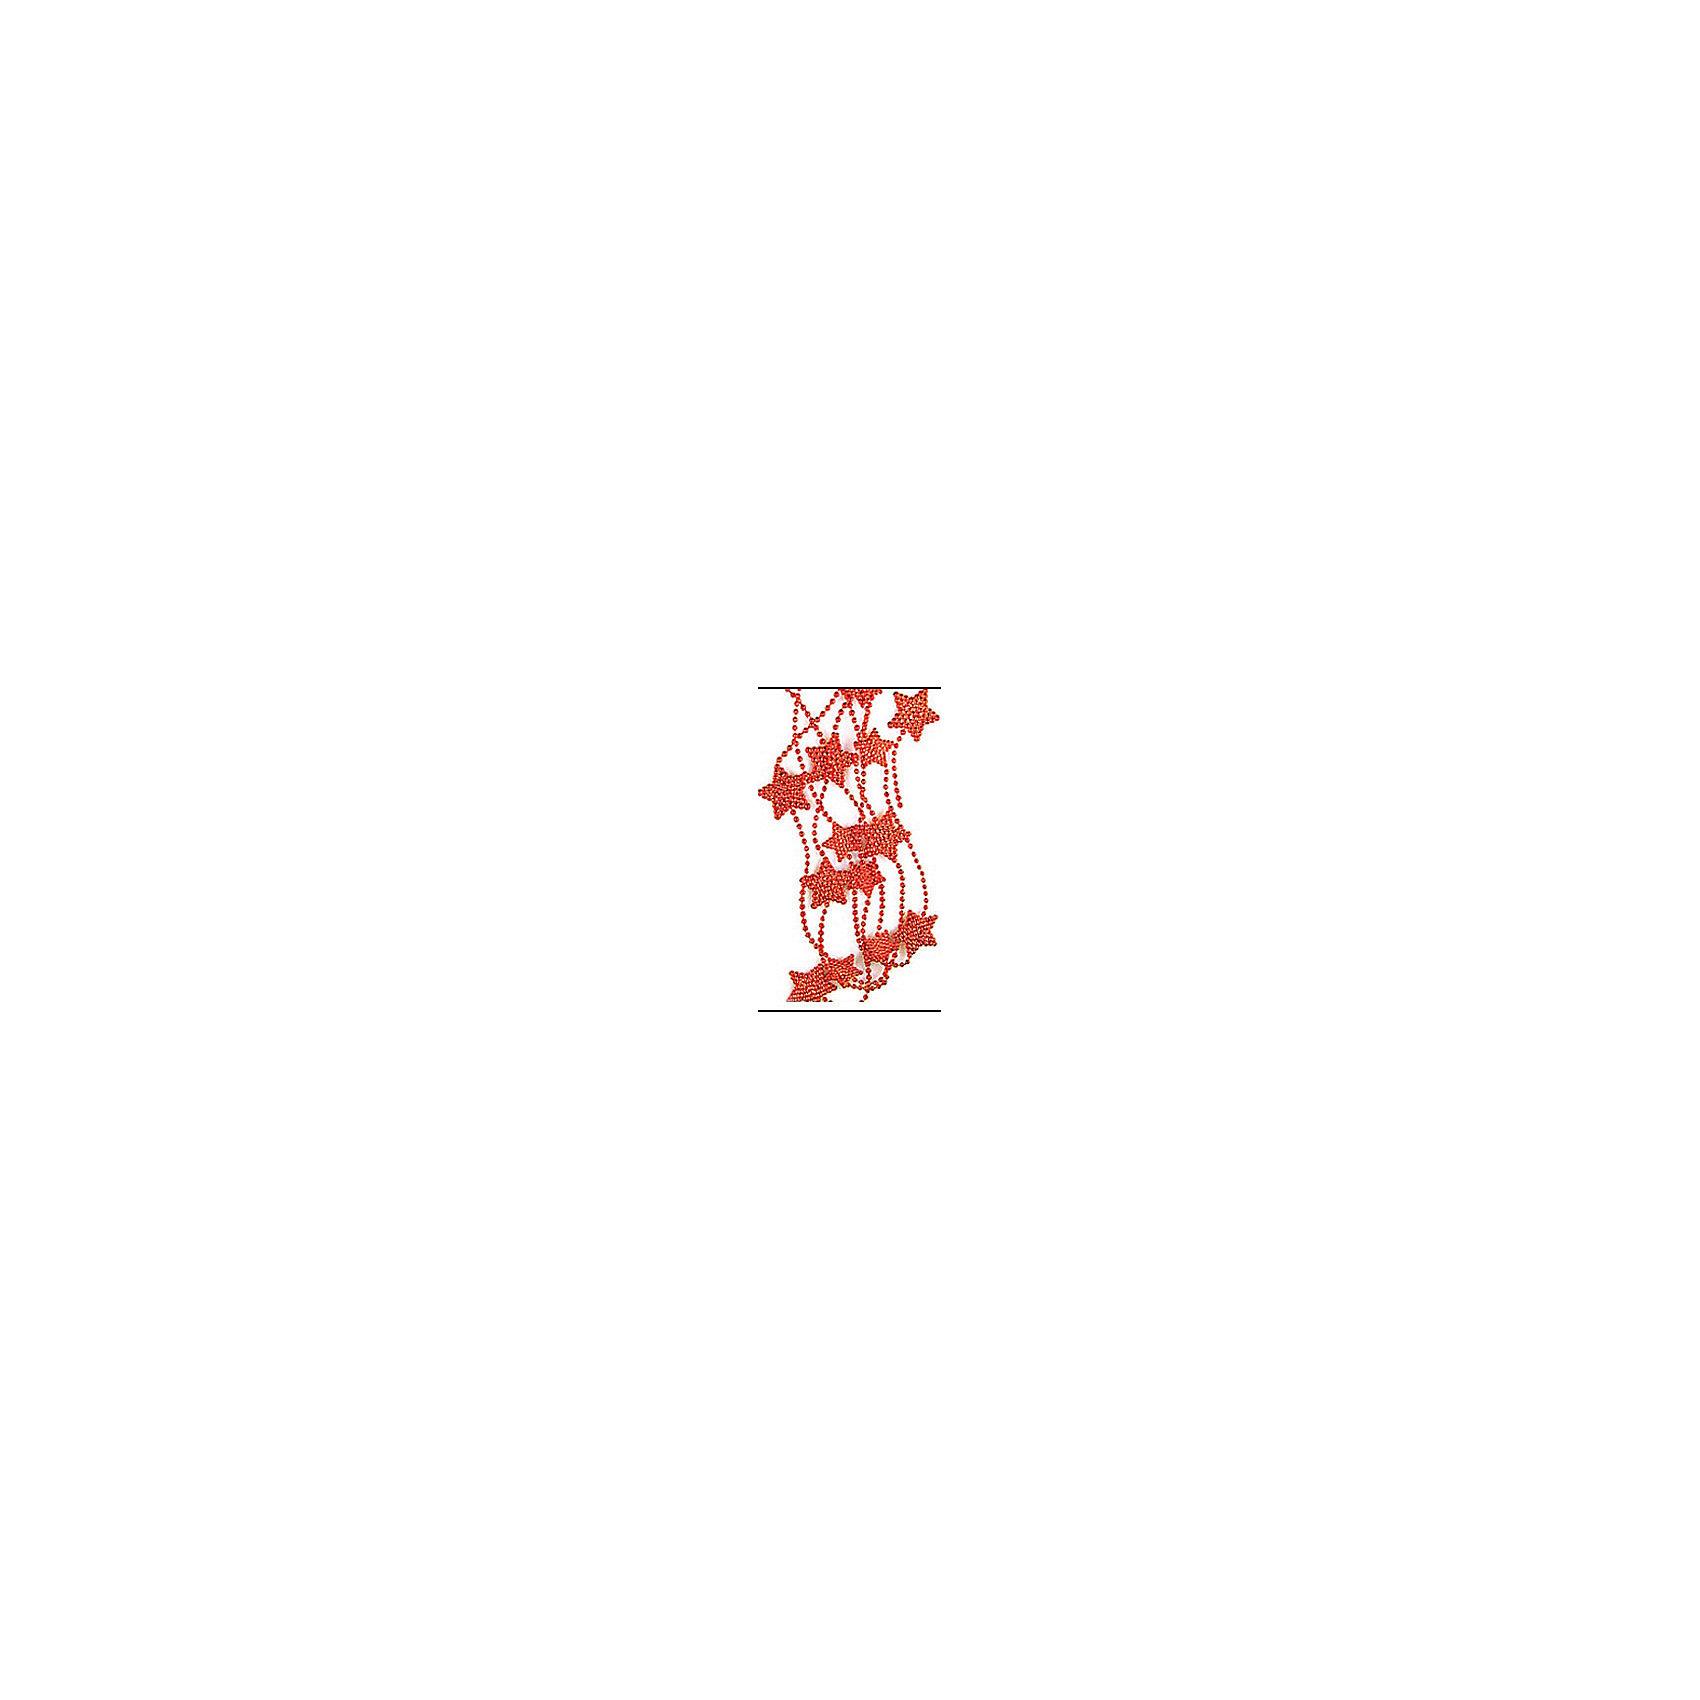 Бусы Звезда 2,5м оранжевыеВсё для праздника<br>Изготовлено из пластмассы. ел.укр. бусы ЗВЕЗДА бол, 2,5м оранж.<br><br>Ширина мм: 200<br>Глубина мм: 200<br>Высота мм: 10<br>Вес г: 100<br>Возраст от месяцев: 36<br>Возраст до месяцев: 2147483647<br>Пол: Унисекс<br>Возраст: Детский<br>SKU: 5101057